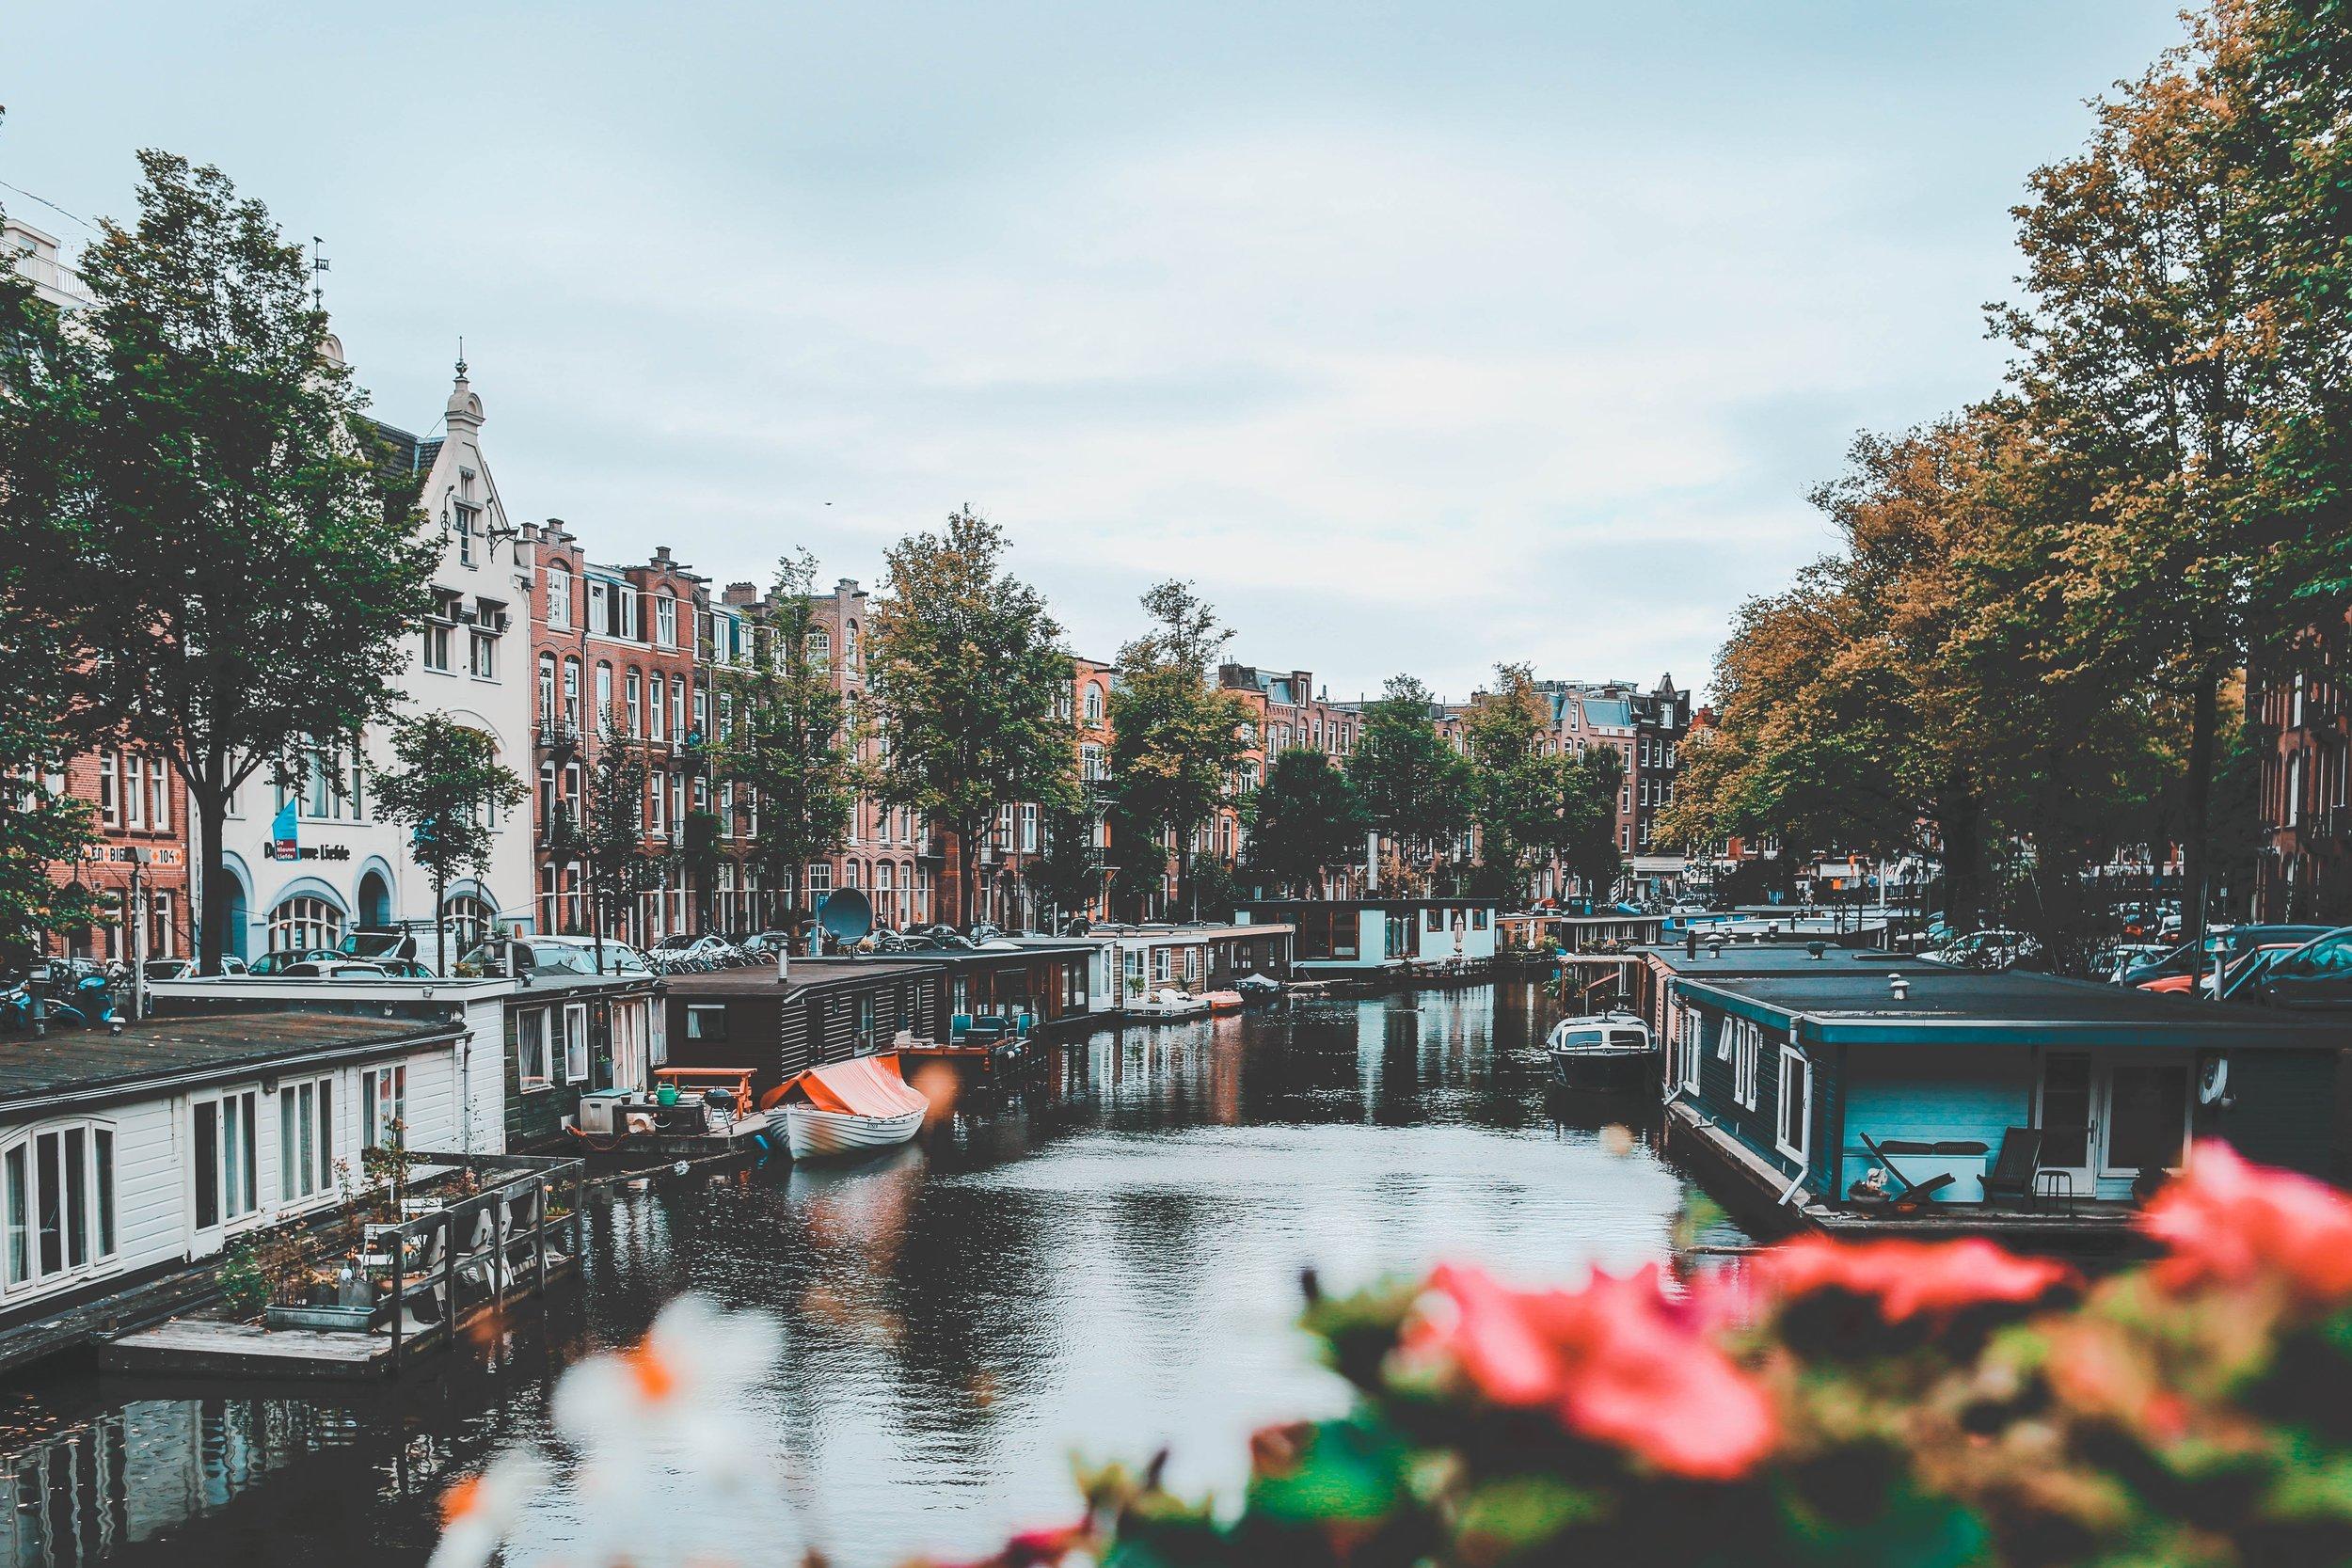 Marina Starck Europe Travel Story.jpg